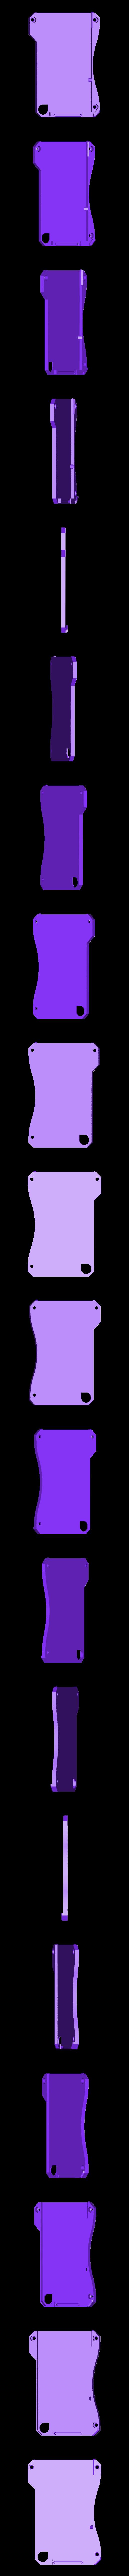 """Middle_Wallet M3 v2.stl Download free STL file 3D Printed """"Smart"""" Wallet (Updated for M3 Bolts) • 3D printer object, brunogalam"""